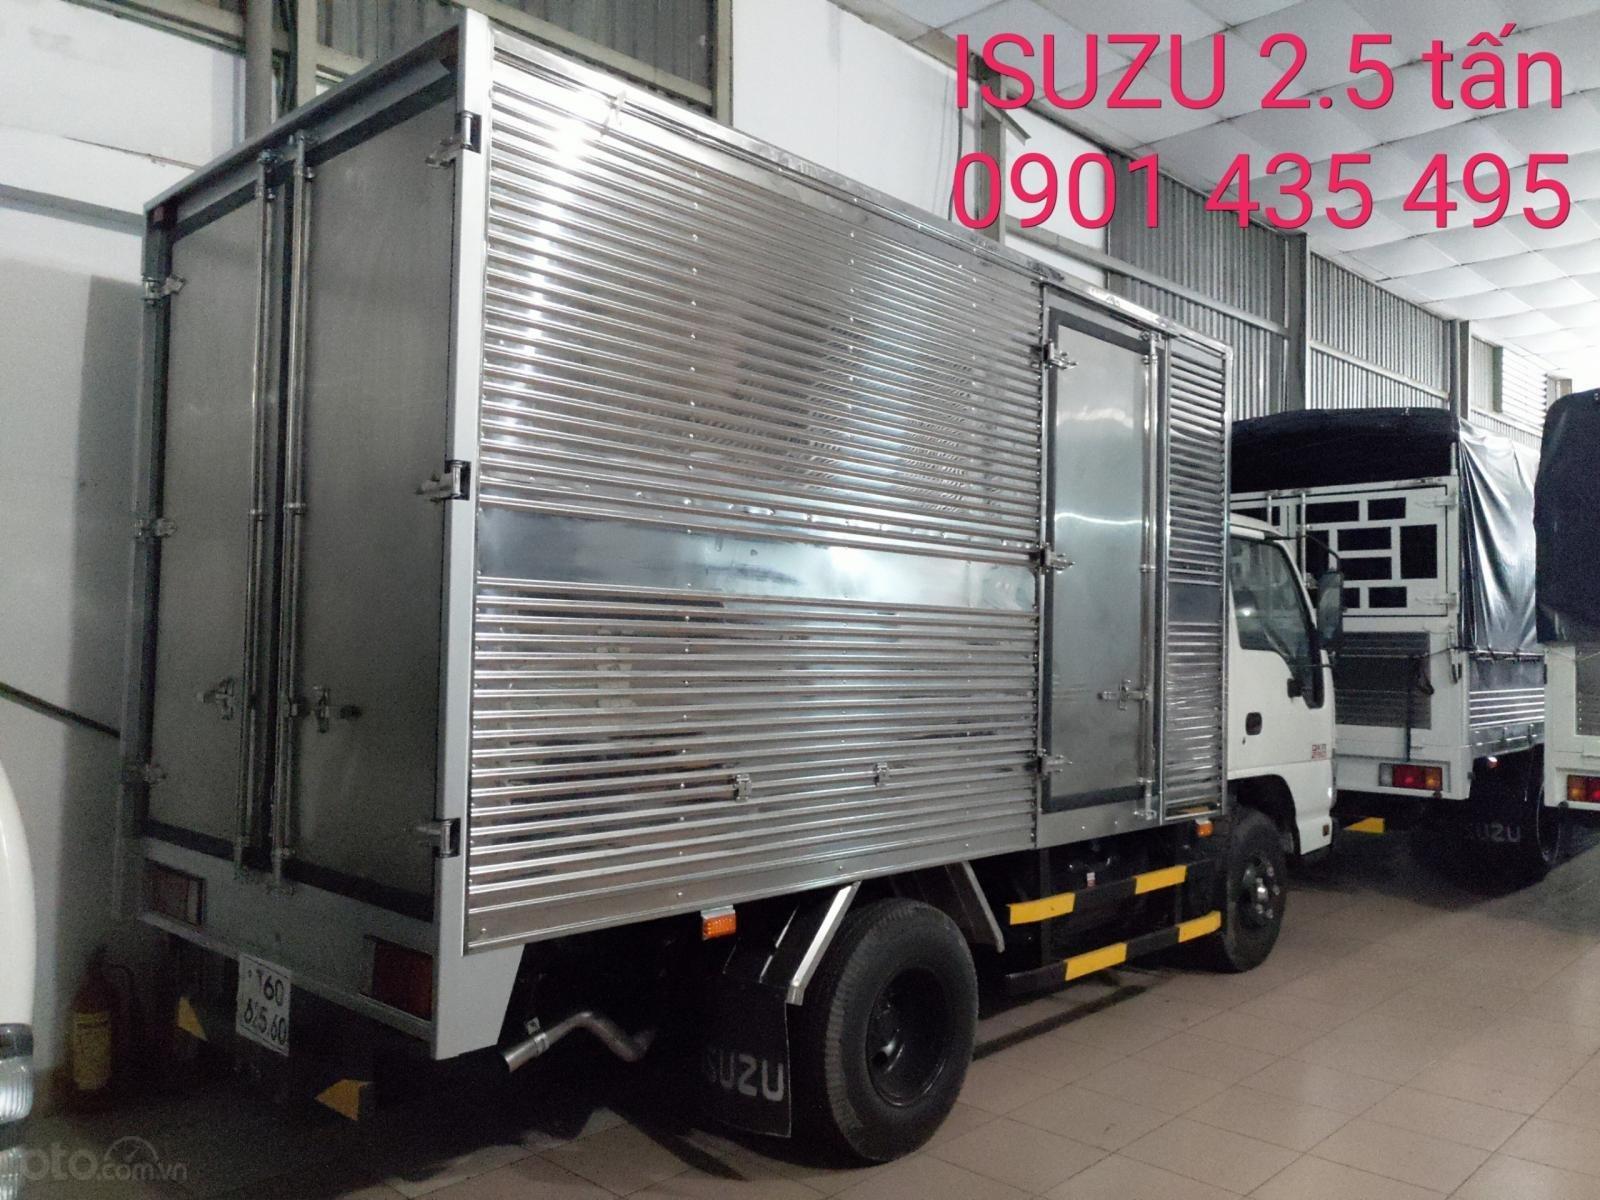 Bán Isuzu 2.5 tấn thùng kín 3.6m - KM: 9.4tr tiền mặt, máy lạnh, 12 phiếu bảo dưỡng, radio MP3 (3)